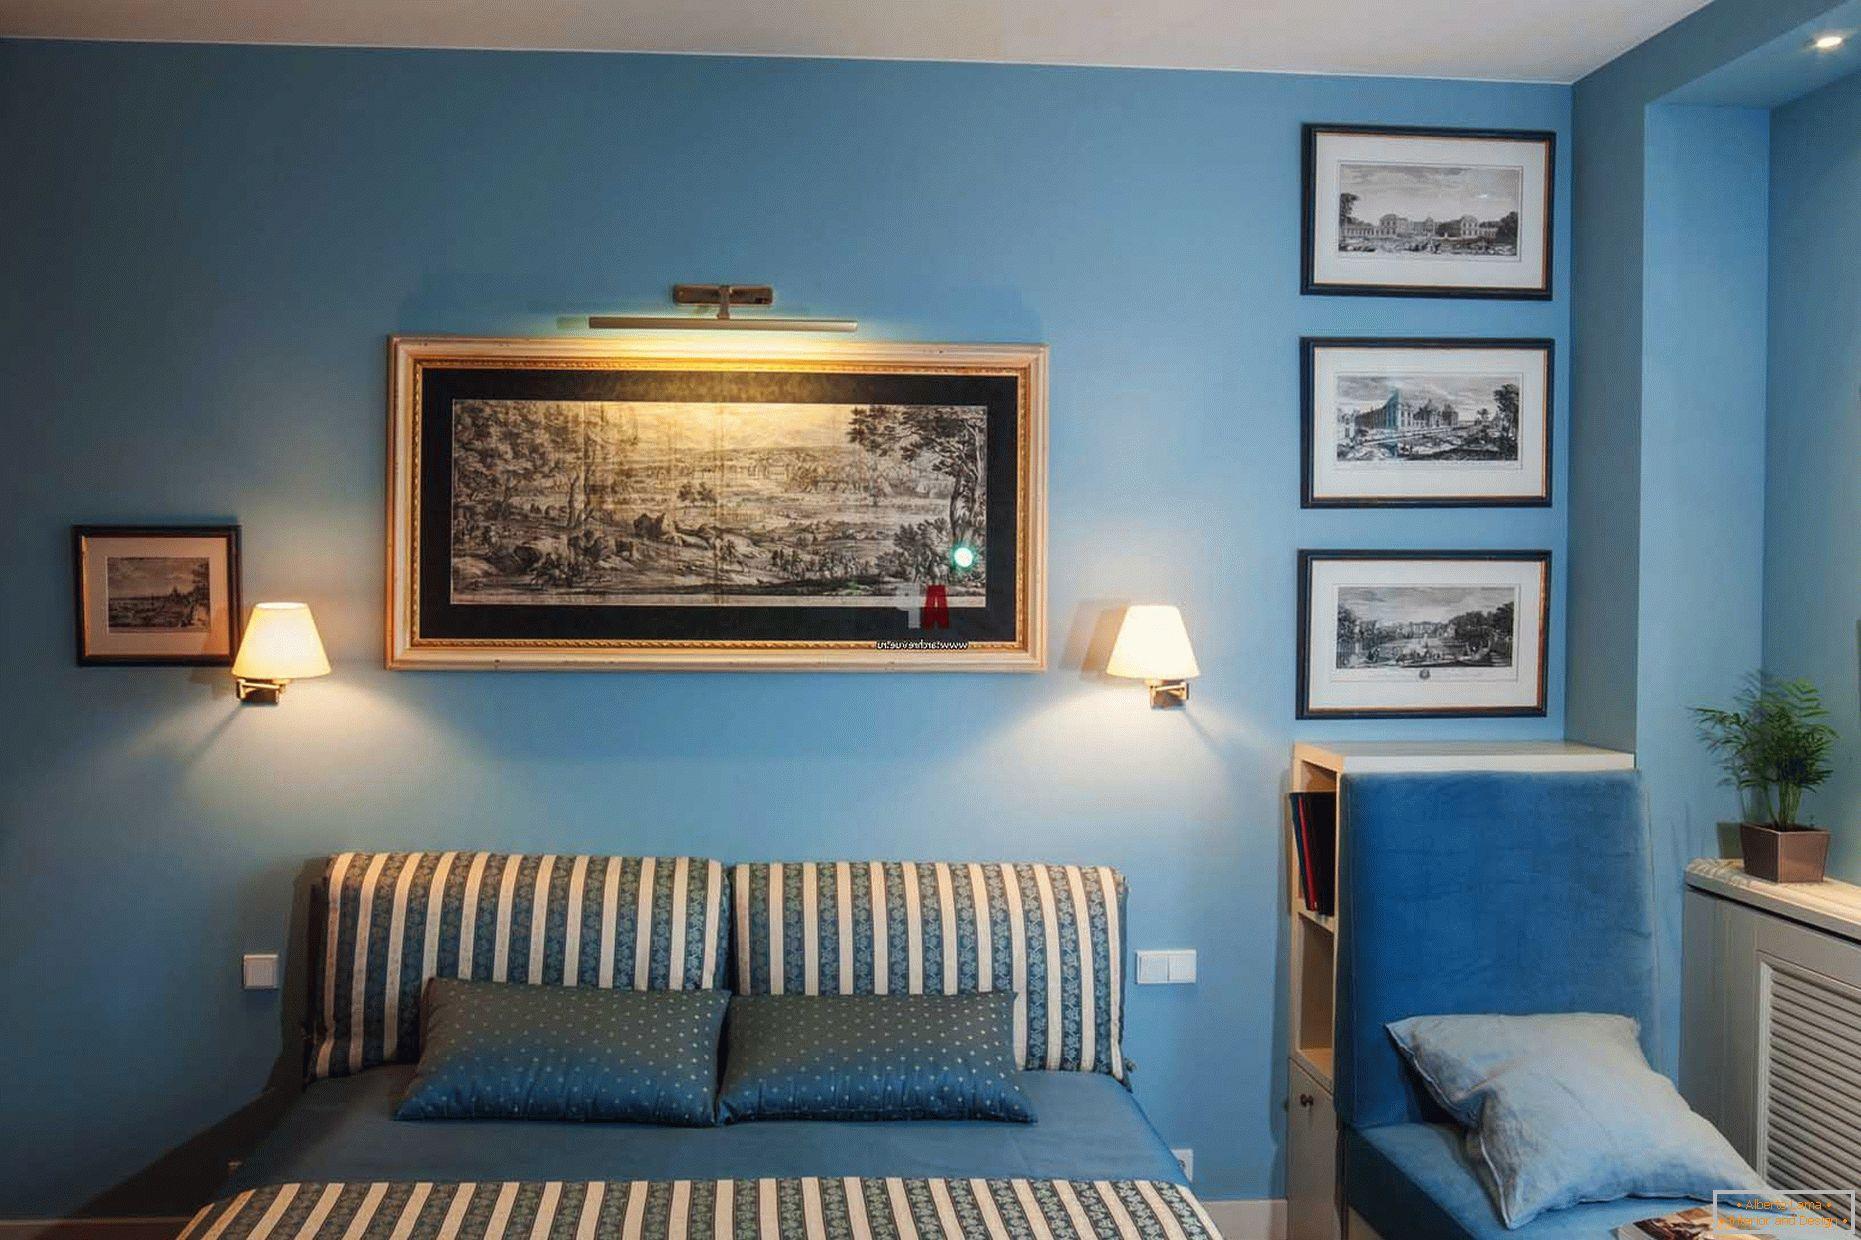 Camera Da Letto Blu : Camera da letto blu 75 design fotografico e interni